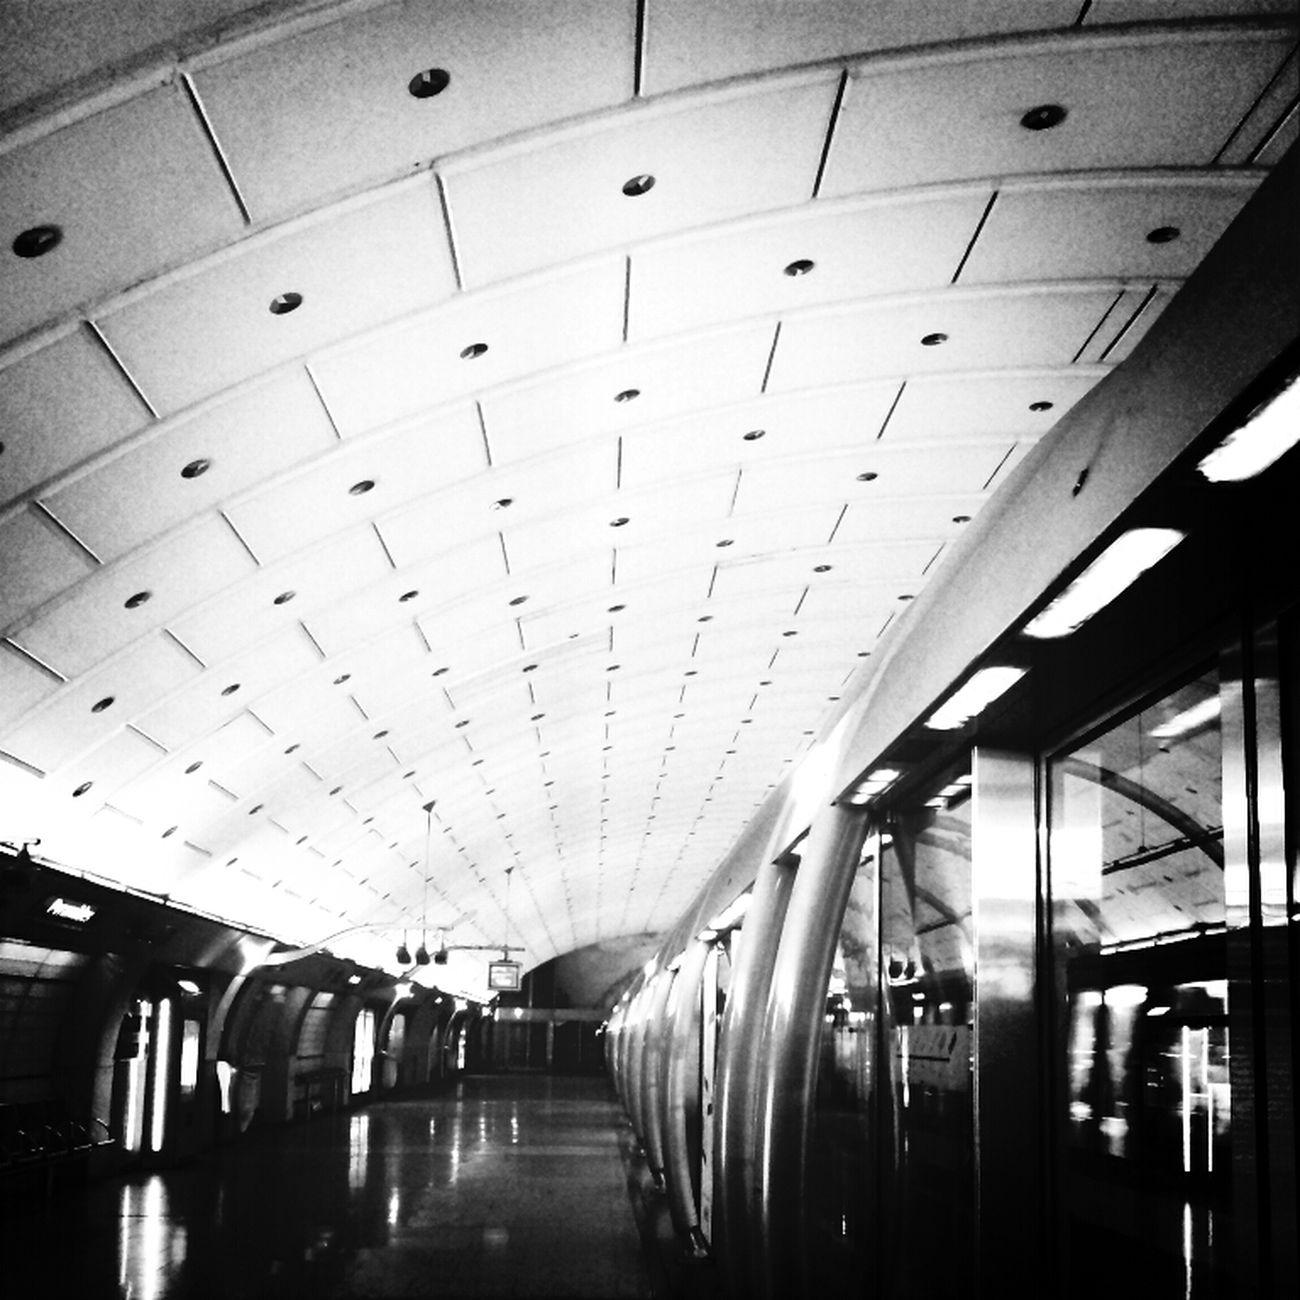 Subway Paris